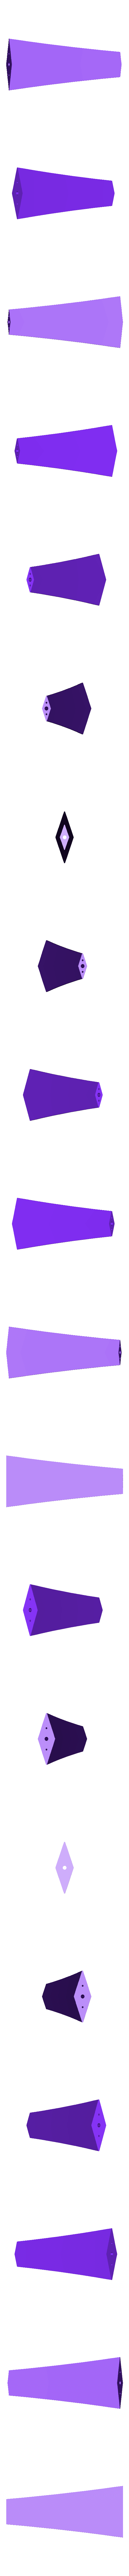 Dream Nail 5.stl Download STL file Hollow Knight Dream Nail • 3D print object, glargonoid